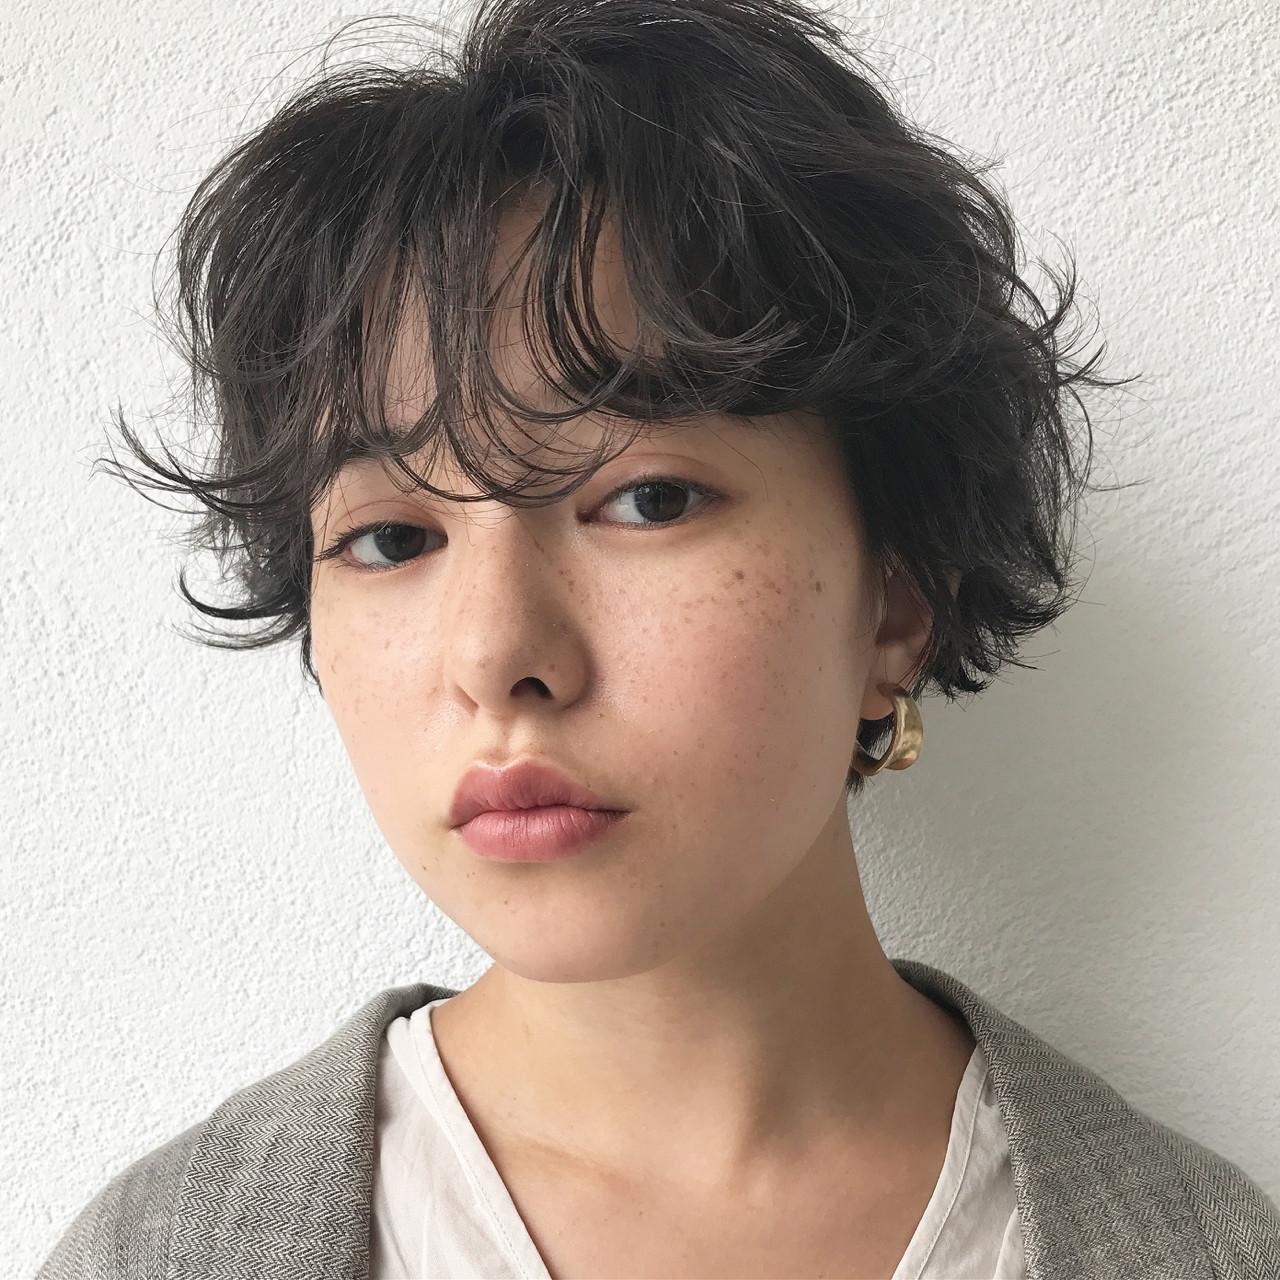 マッシュショートボブにゆるふわパーマ 高橋 忍 | nanuk渋谷店(ナヌーク)